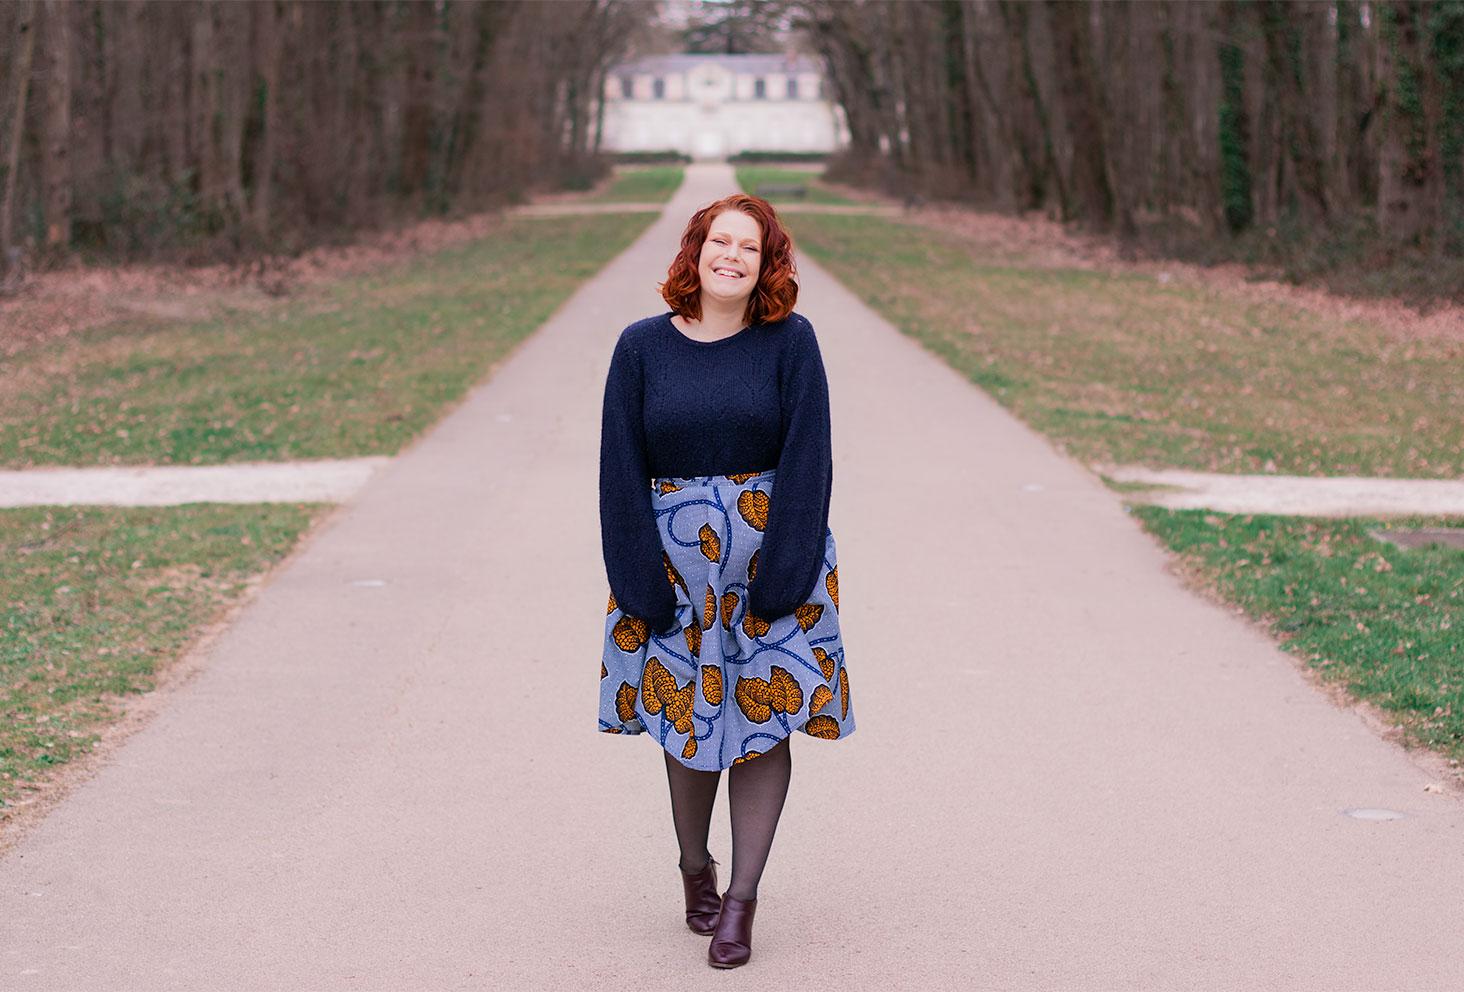 Dans l'allée d'un château, en jupe patineuse Maison Elpida, le sourire et les cheveux bouclés